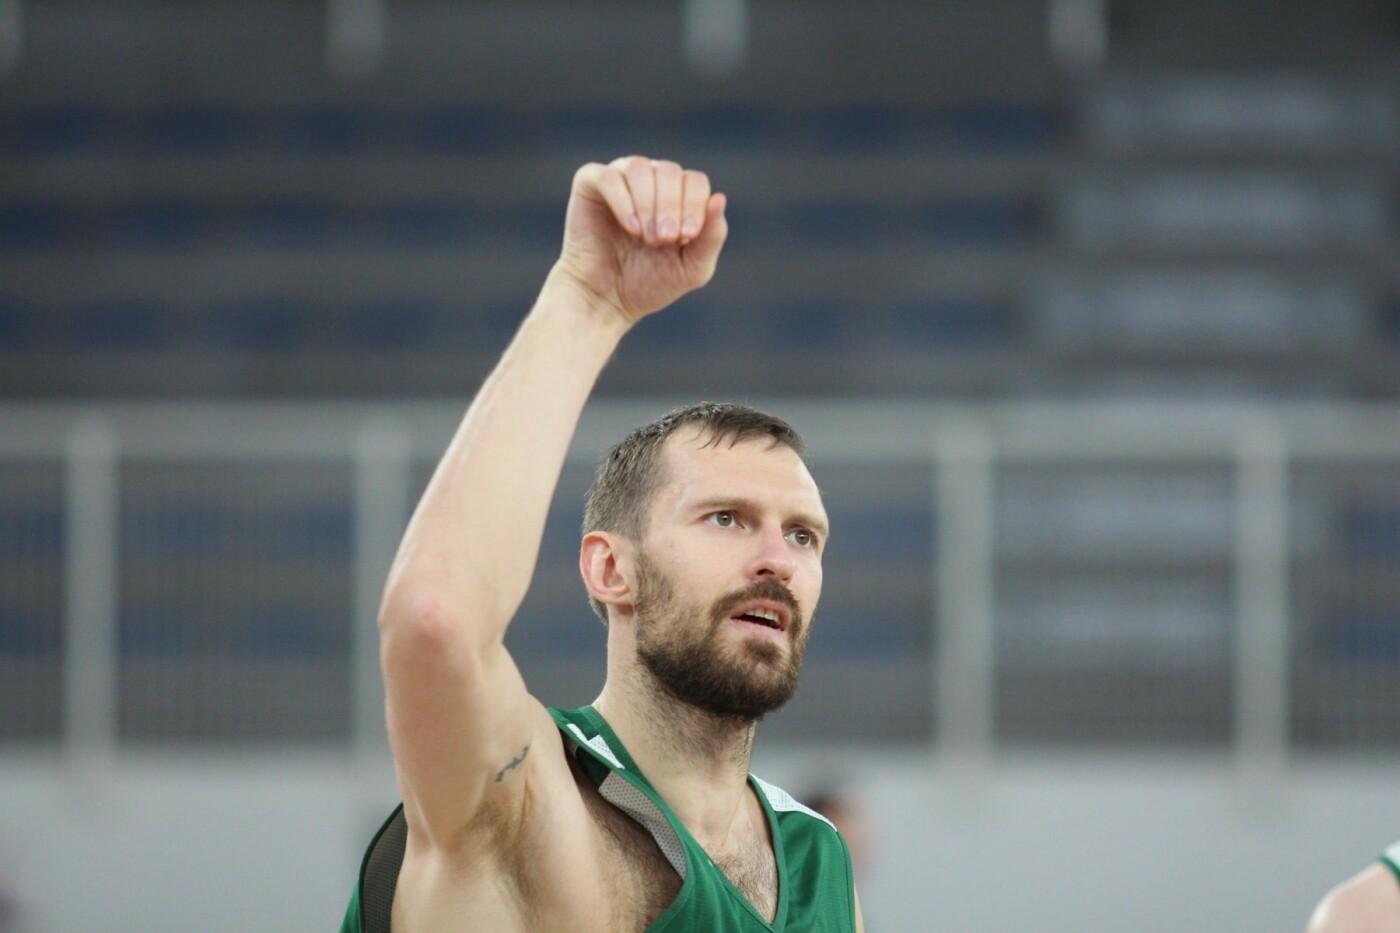 Lietuvos vyrų krepšinio rinktinė surengė vienintelę treniruotę Italijoje, nuotrauka-15